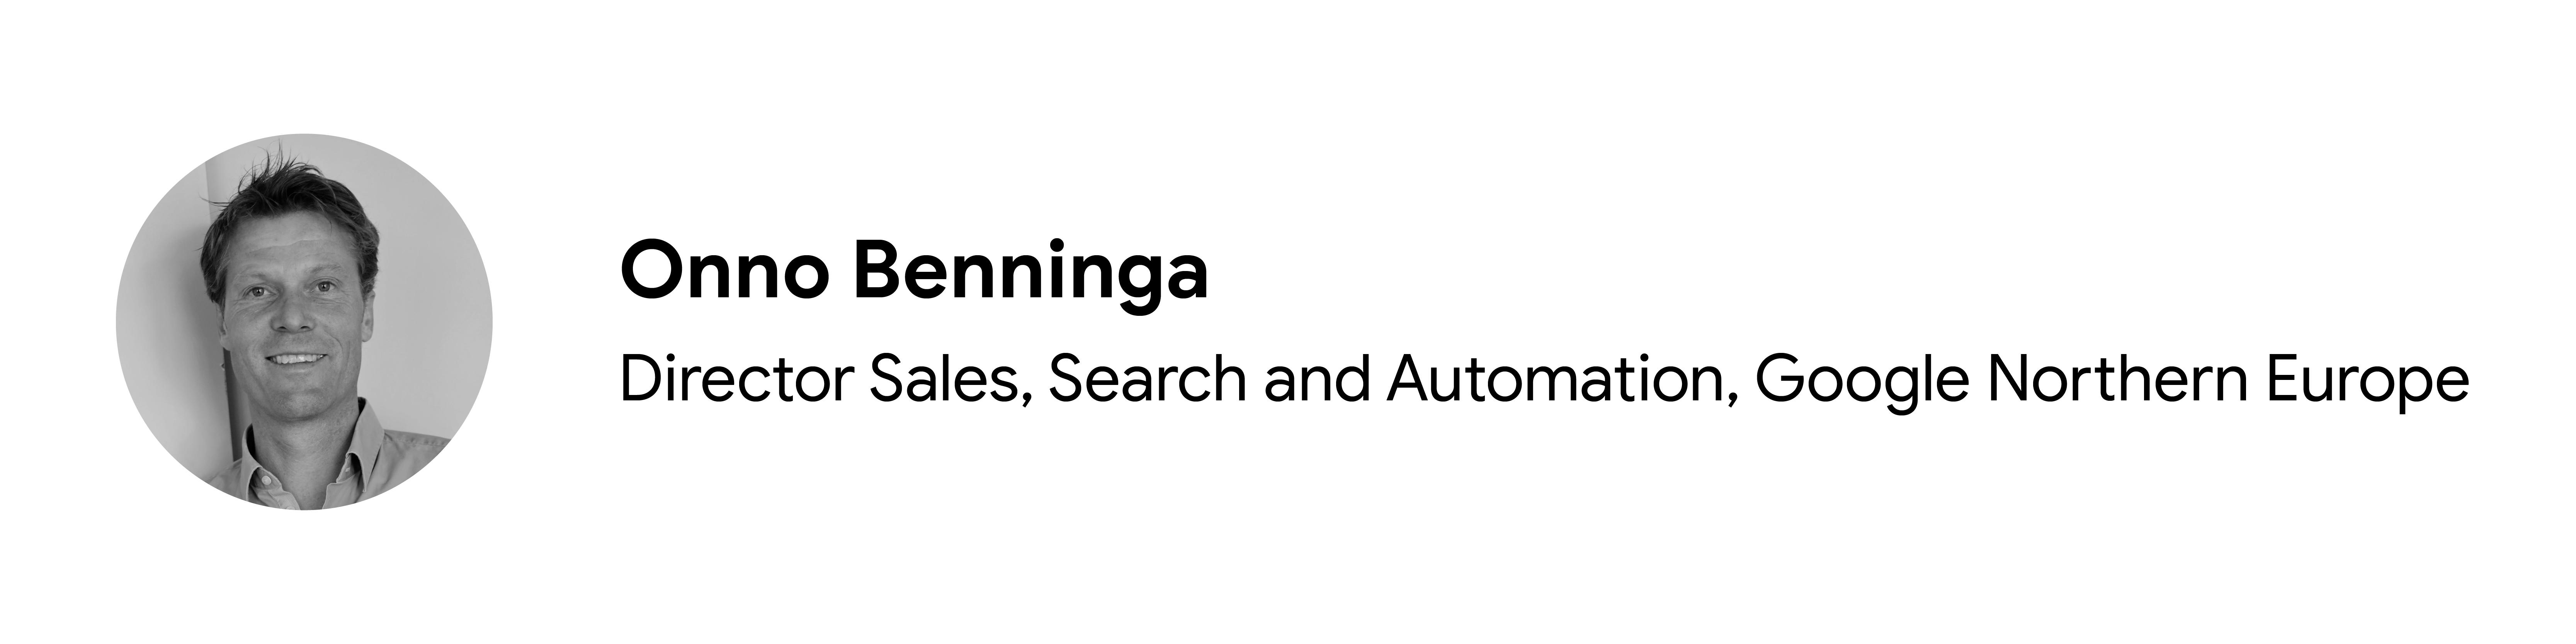 Katkıda bulunan Onno Benninga'nın siyah beyaz vesikalık fotoğrafı, Satış, Arama ve Otomasyon Direktörü, Google Kuzey Avrupa